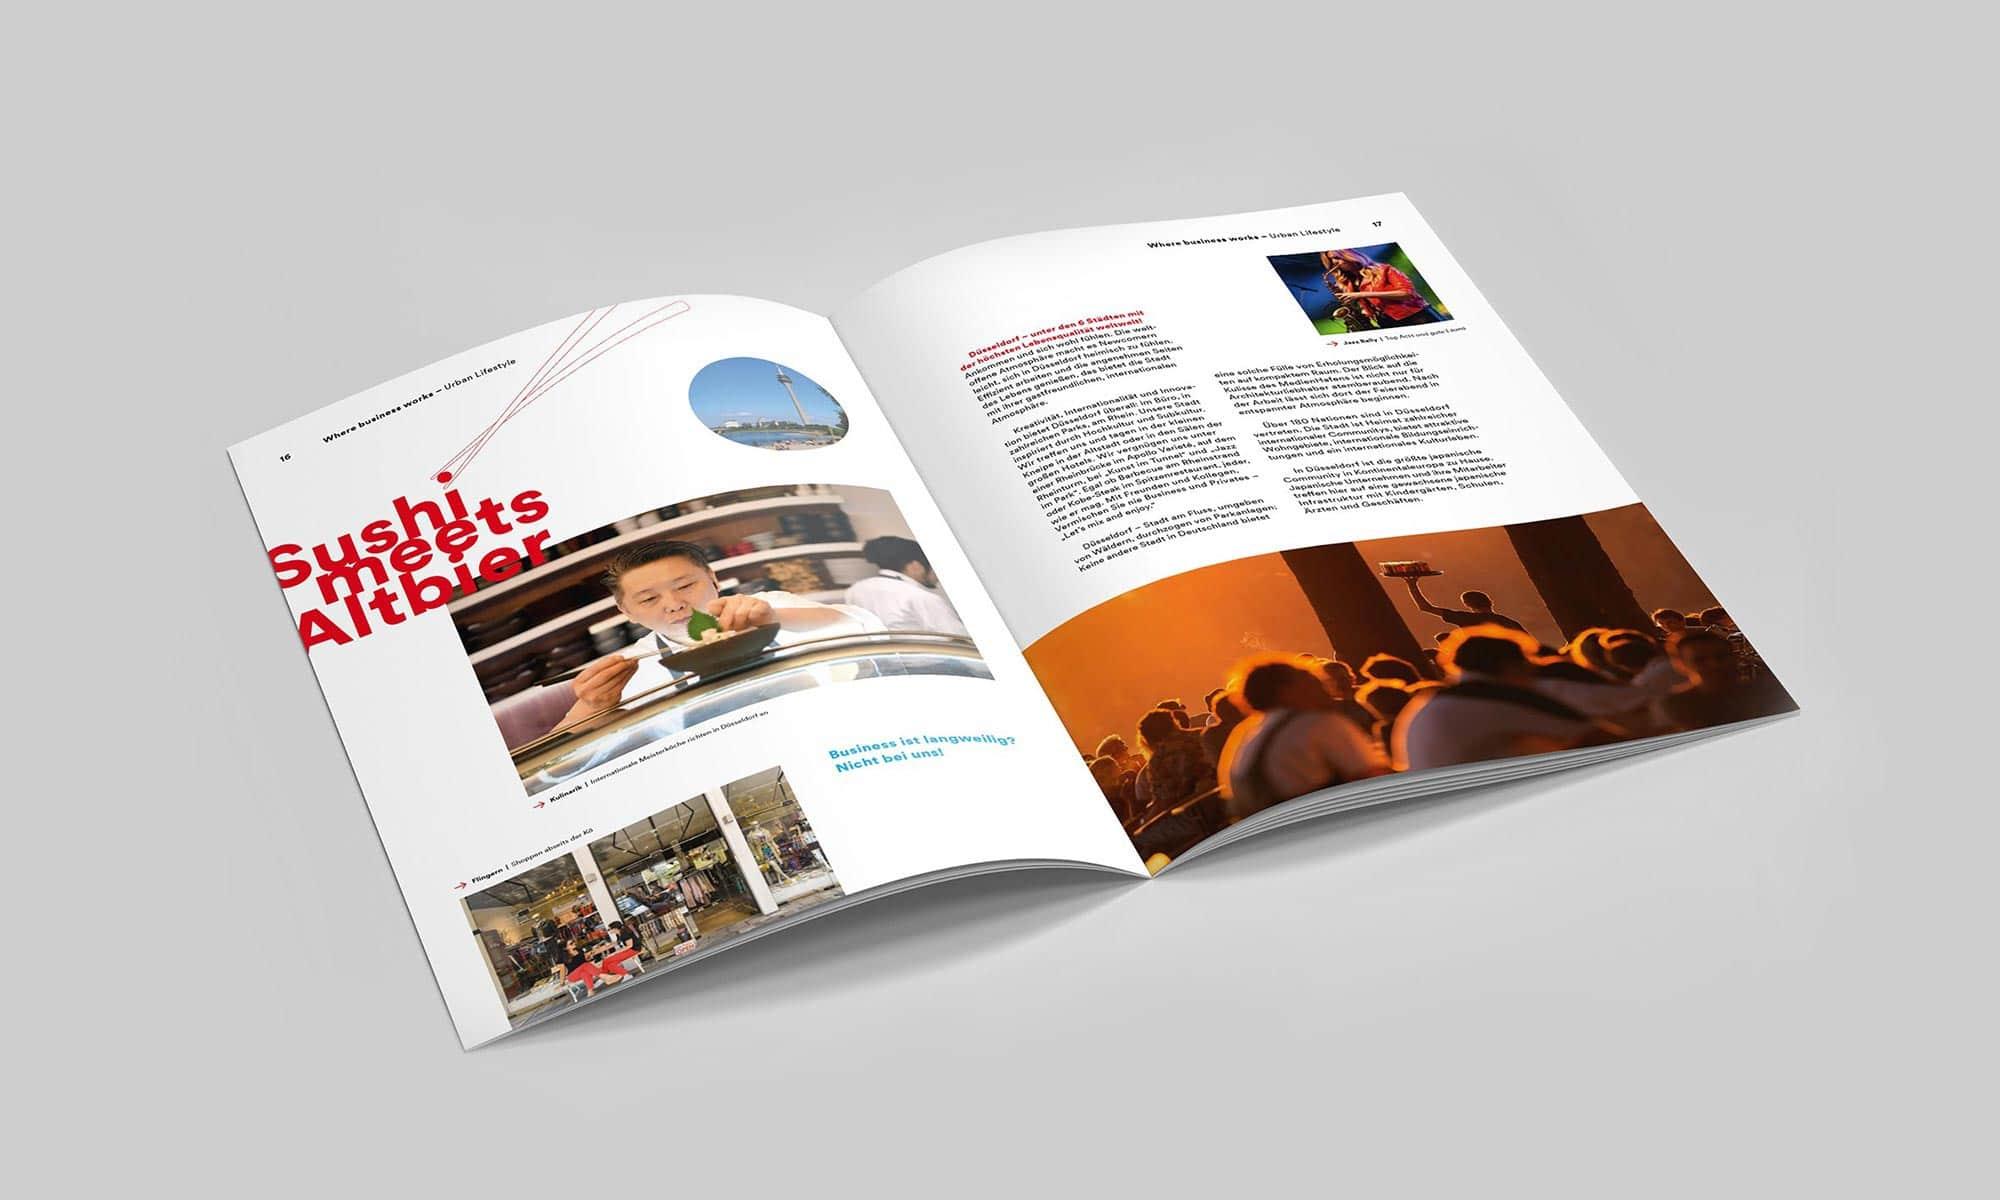 Ein Claim für Düsseldorf – Brand Design für Magazin – Doppelseite – Sushi